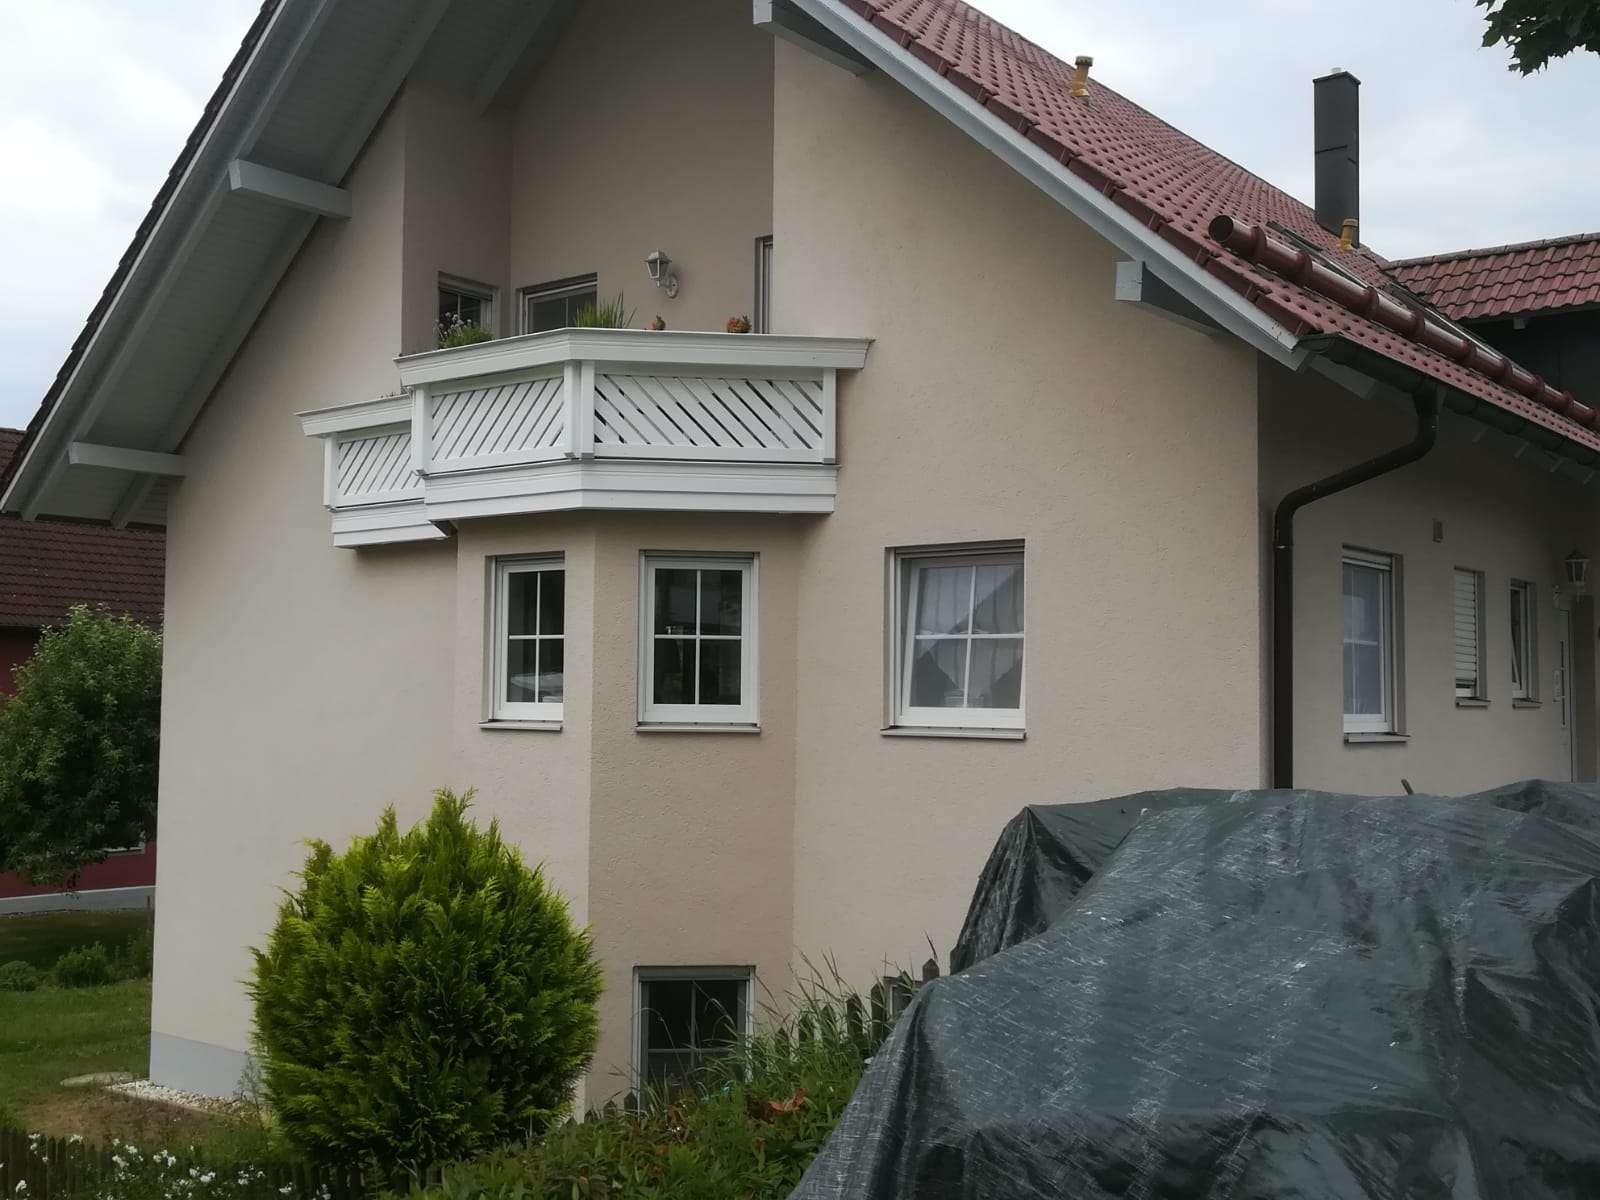 Gepflegte 3-Zimmer-Wohnung mit Terasse in einem 3 Familienhaus bei Bad Abbach in